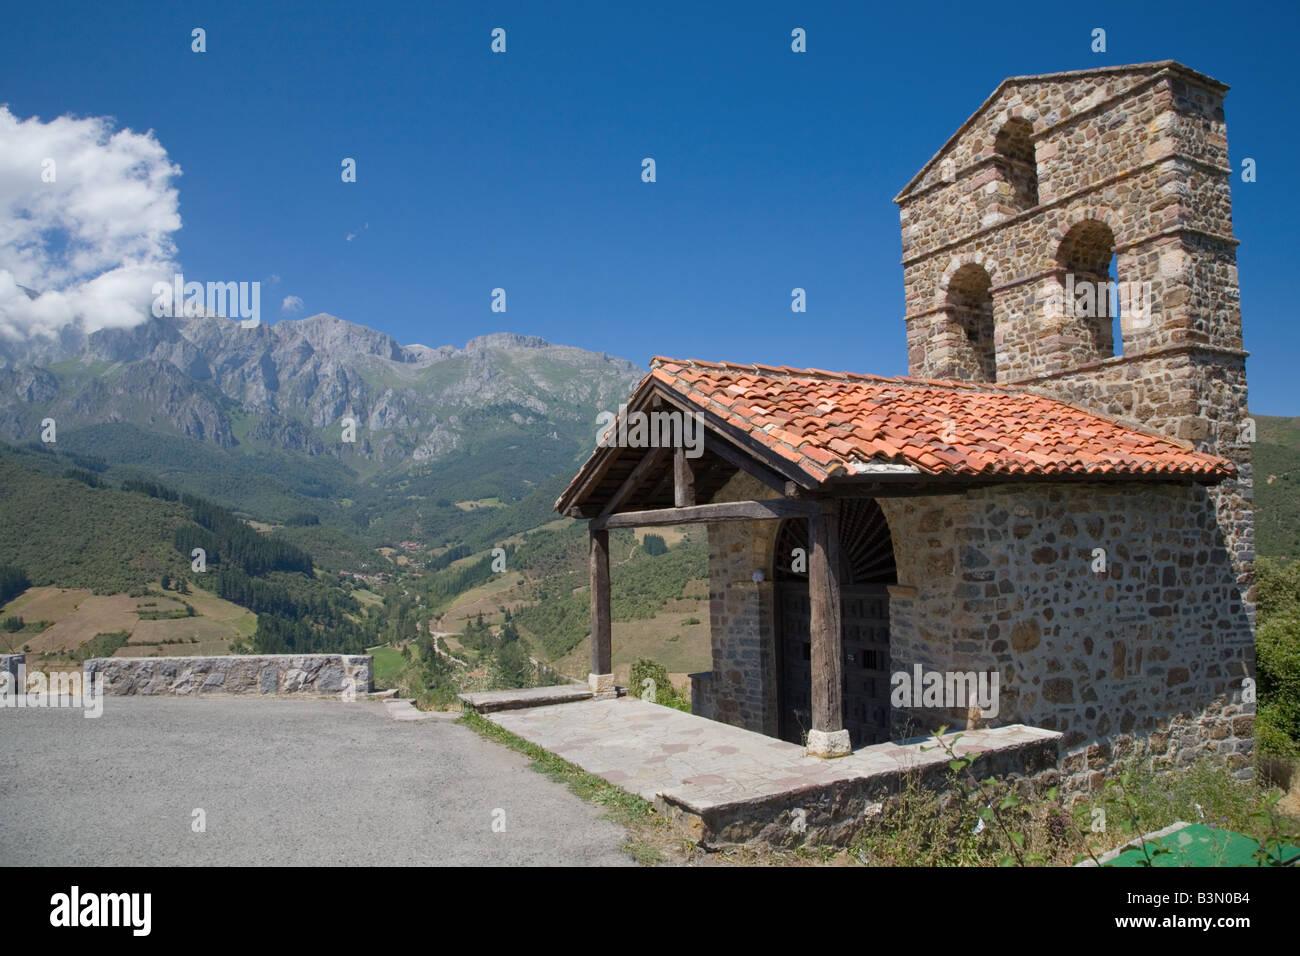 Ermita de San Miguel chapel near Potes in the Picos de Europa mountains - Stock Image